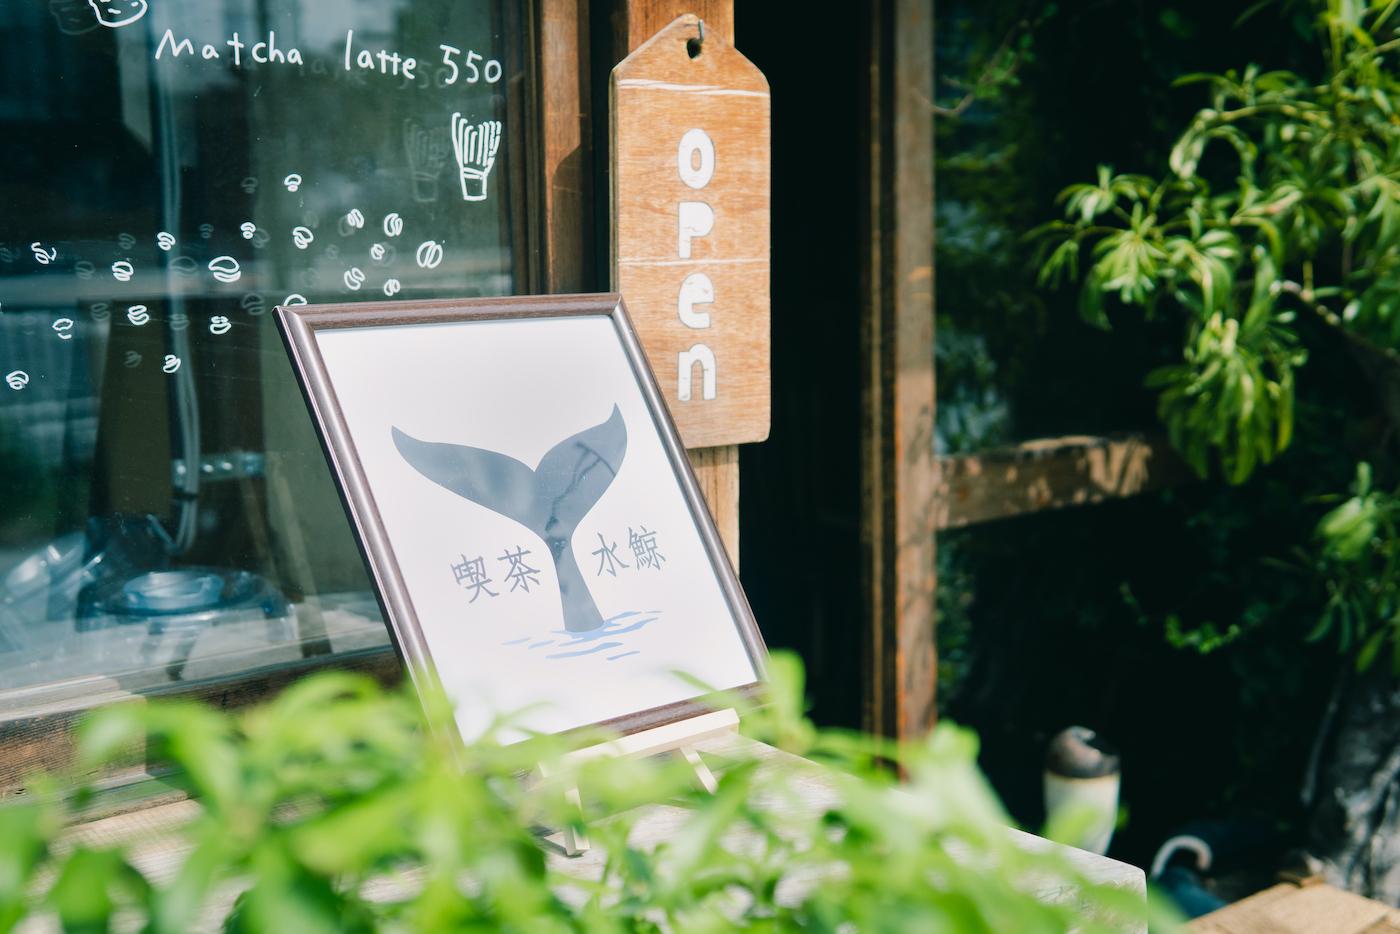 イベント・店舗向け。あなたのところへ出張水鯨(関西圏のみ)